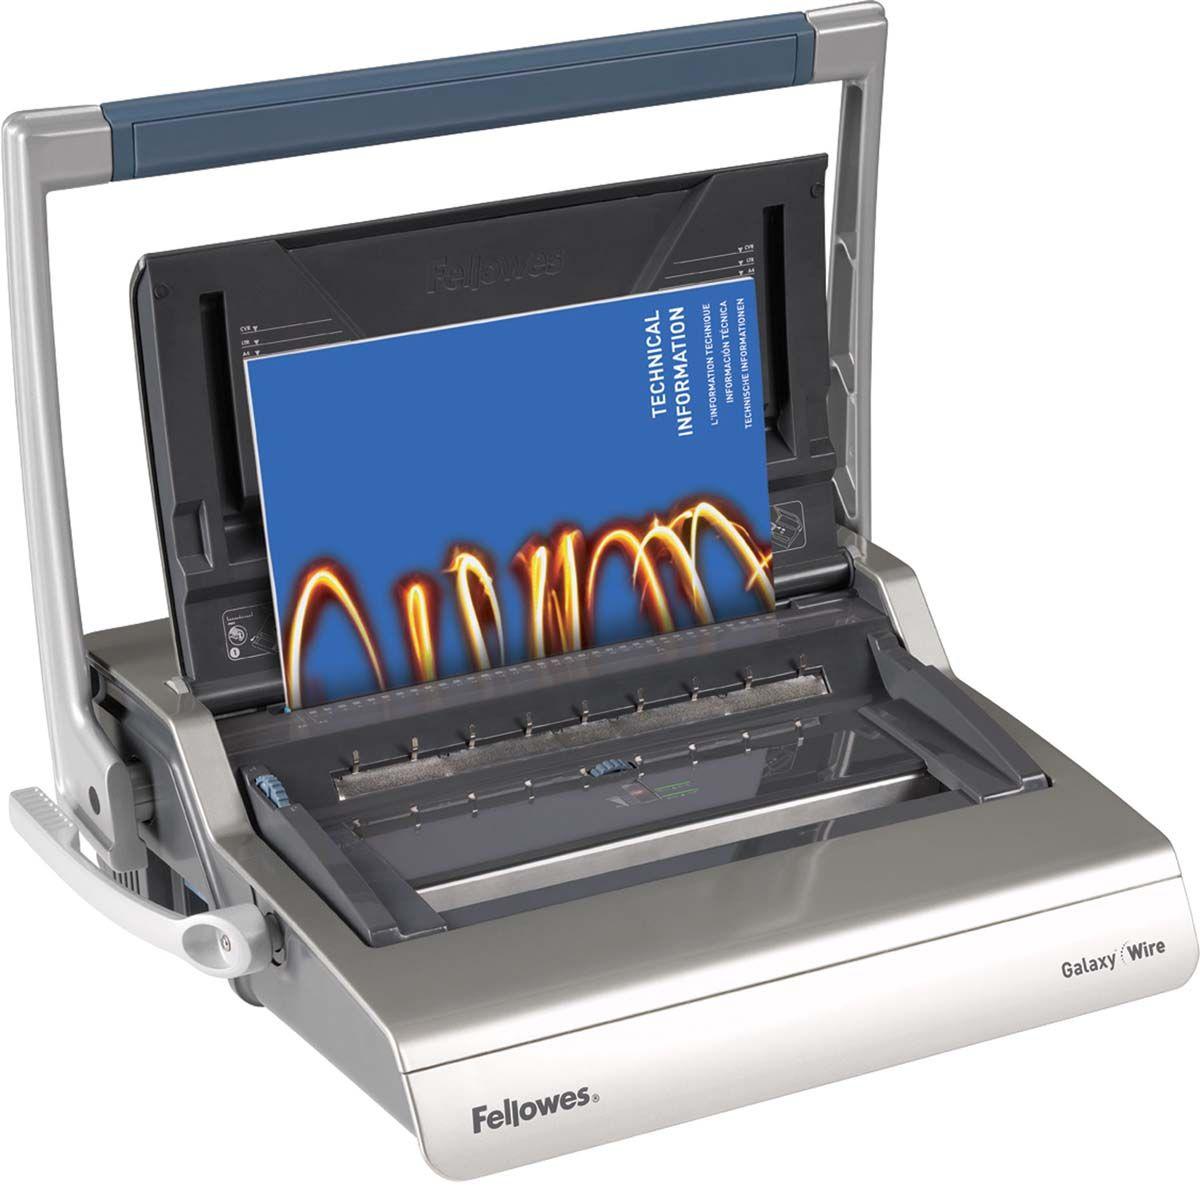 Fellowes Galaxy Wire переплетчикFS-56224Galaxy Wire – высокотехнологичный переплетчик на металлическую пружину. Предназначен для интенсивного использования в большом офисе.Основные характеристики:Кол-во сшиваемых листов: 130 шт.Кол-во пробиваемых листов: 20 шт.Диапазон диаметра пружины: 6-14 мм.Гарантия: 2 года.Брошюровщик оснащен технологиями, которые ускорят и упростят переплет документов: Широкая ручка для перфорации: Удобна в работе как для правшей, так и для левшей. Равномерно распределяет усилия на ножи. Автоматические створки лотка для отходов: При переполнении лотка для отходов створка лотка автоматически открывается, что сигнализирует о необходимости его опустошения. Регулировка закрытия пружины. Обеспечивает контроль за степенью сжатия металлической пружины. Селектор формата: Точное выравнивание листов различных форматов по краю. Селектор диаметра пружин и толщины документа: Простой подбор пружины по толщине документа. Лоток для обложек и пружин. Выдвигаемое хранилище с запатентованным селектором диаметра пружин и толщины документа. Вертикальная загрузка документа: Снижает вероятность перекоса документа во время перфорирования, листы выравниваются под собственным весом